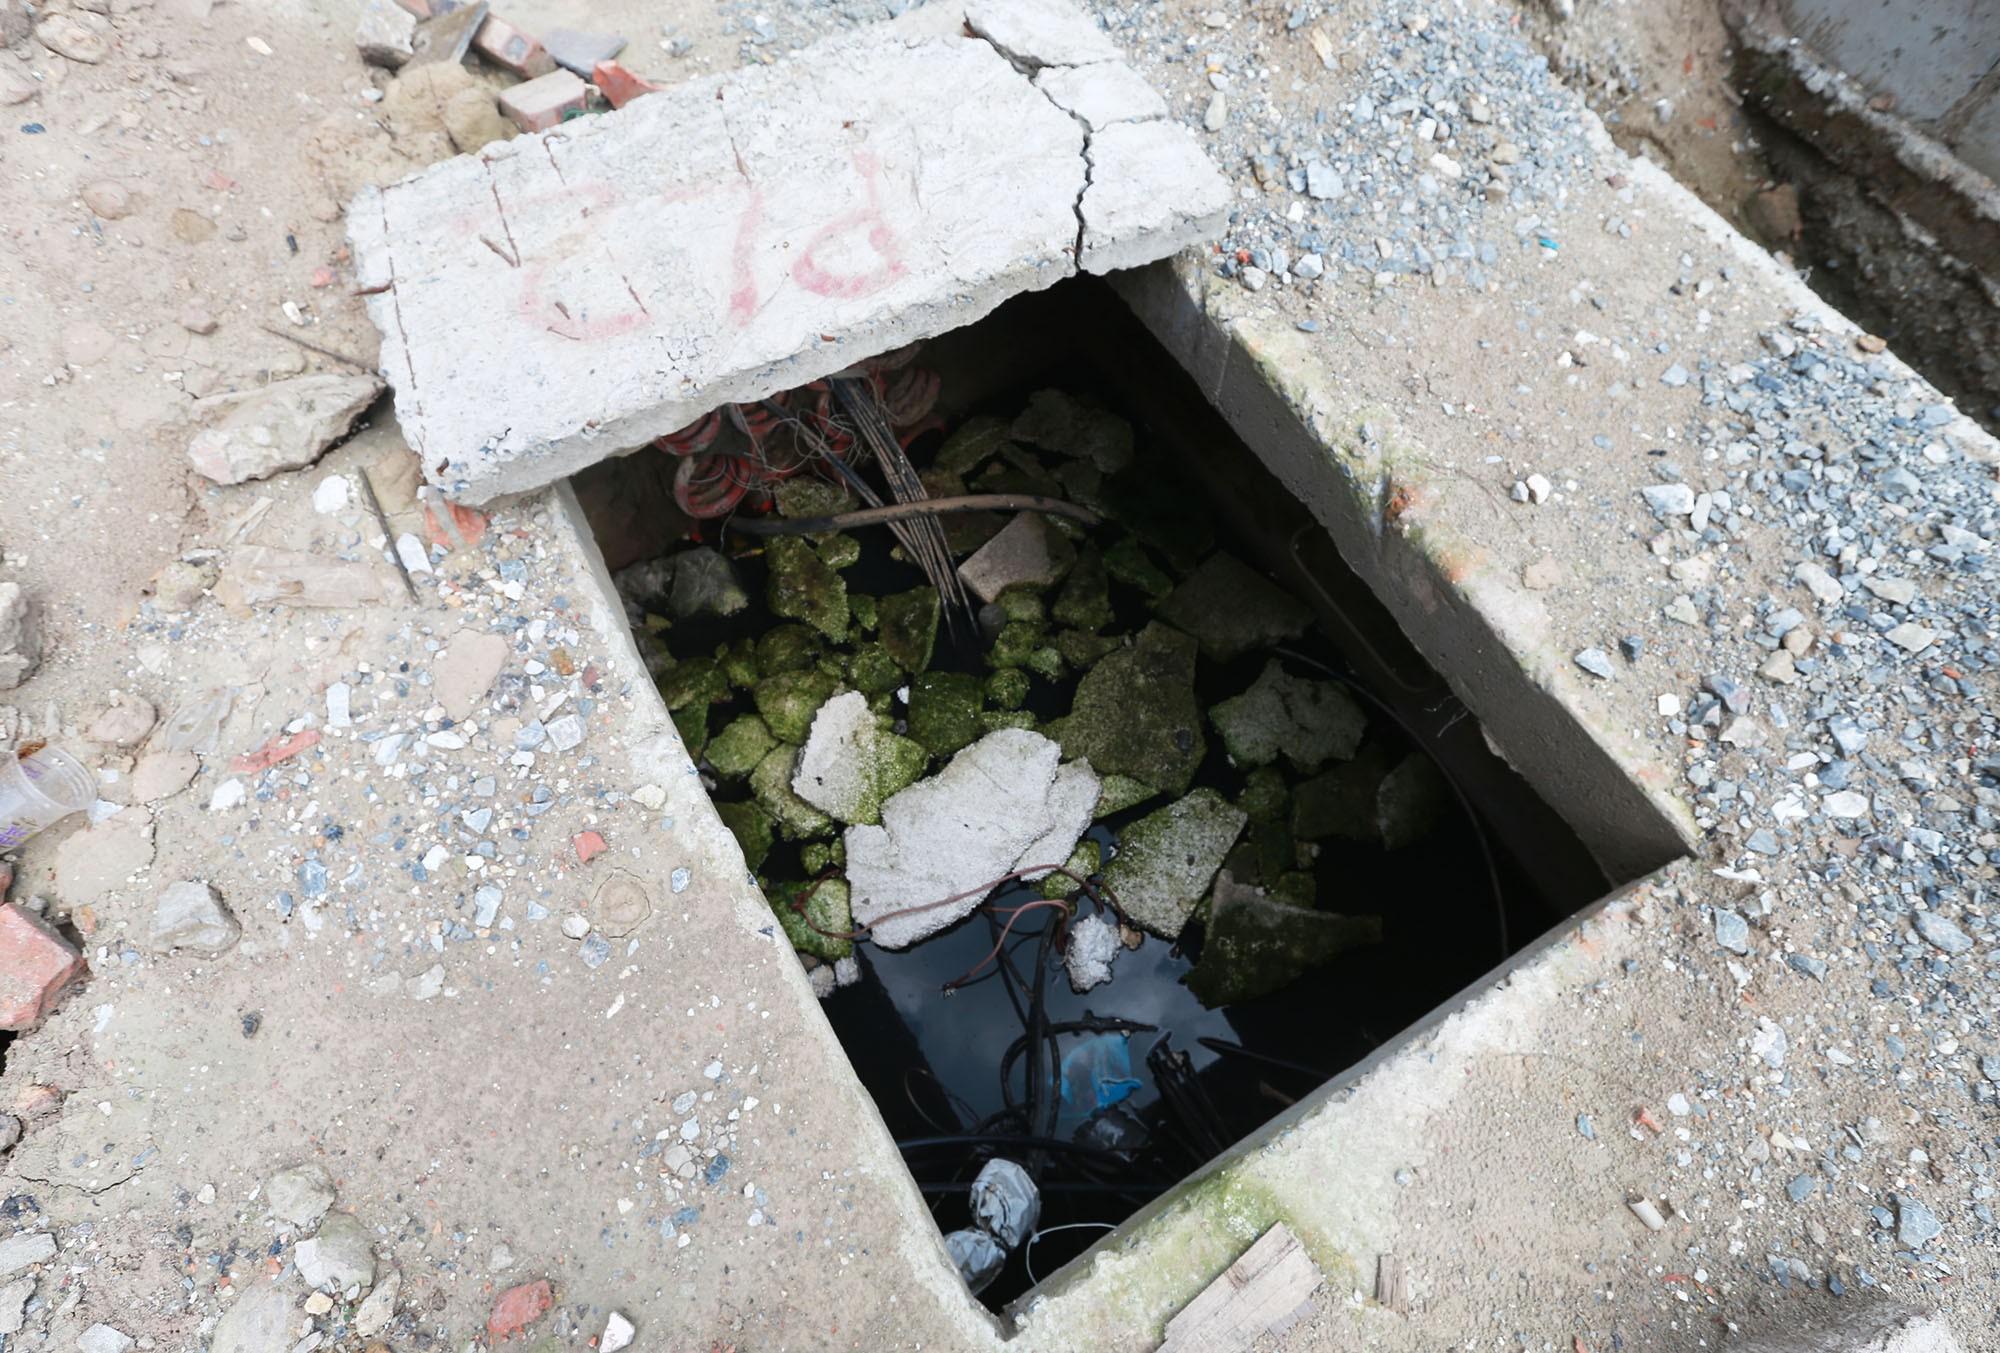 Hà Nội: Rác thải vứt bừa bãi dưới chân công trường đường vành đai 2 - Ảnh 8.